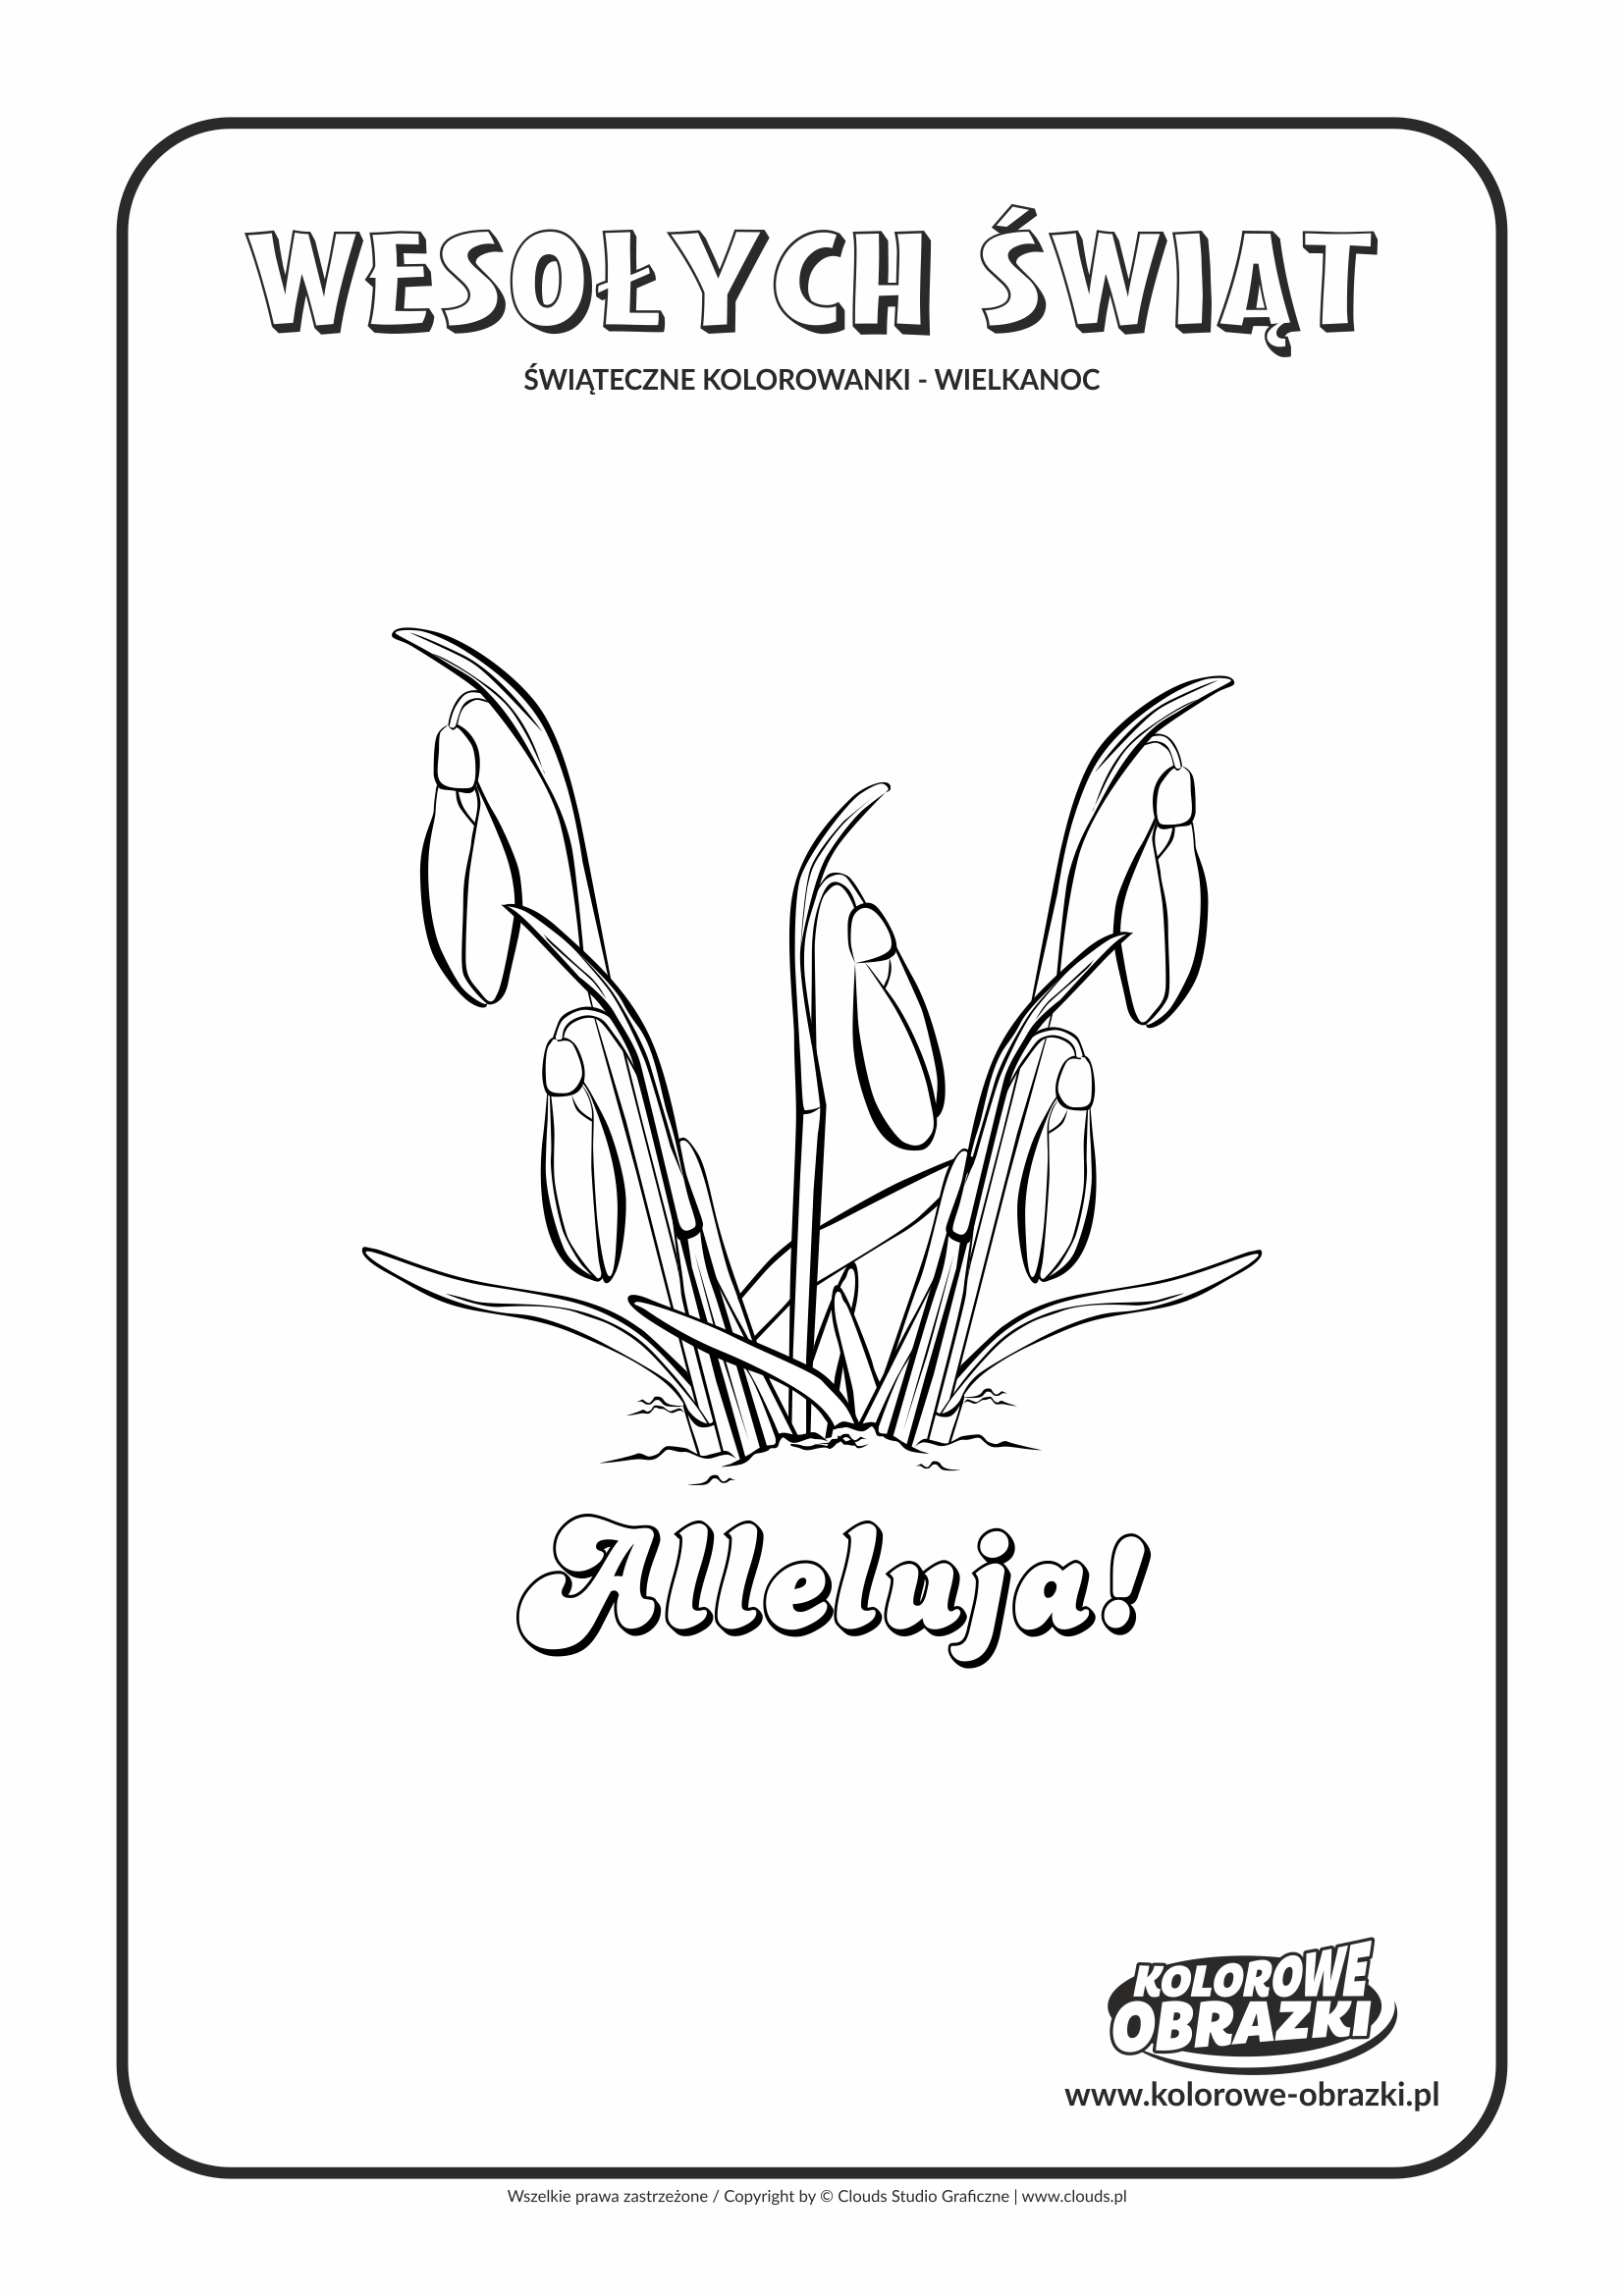 Kolorowanki dla dzieci - Wielkanoc / Wielkanocne kwiatki. Kolorowanka z wielkanocnymi kwiatkami